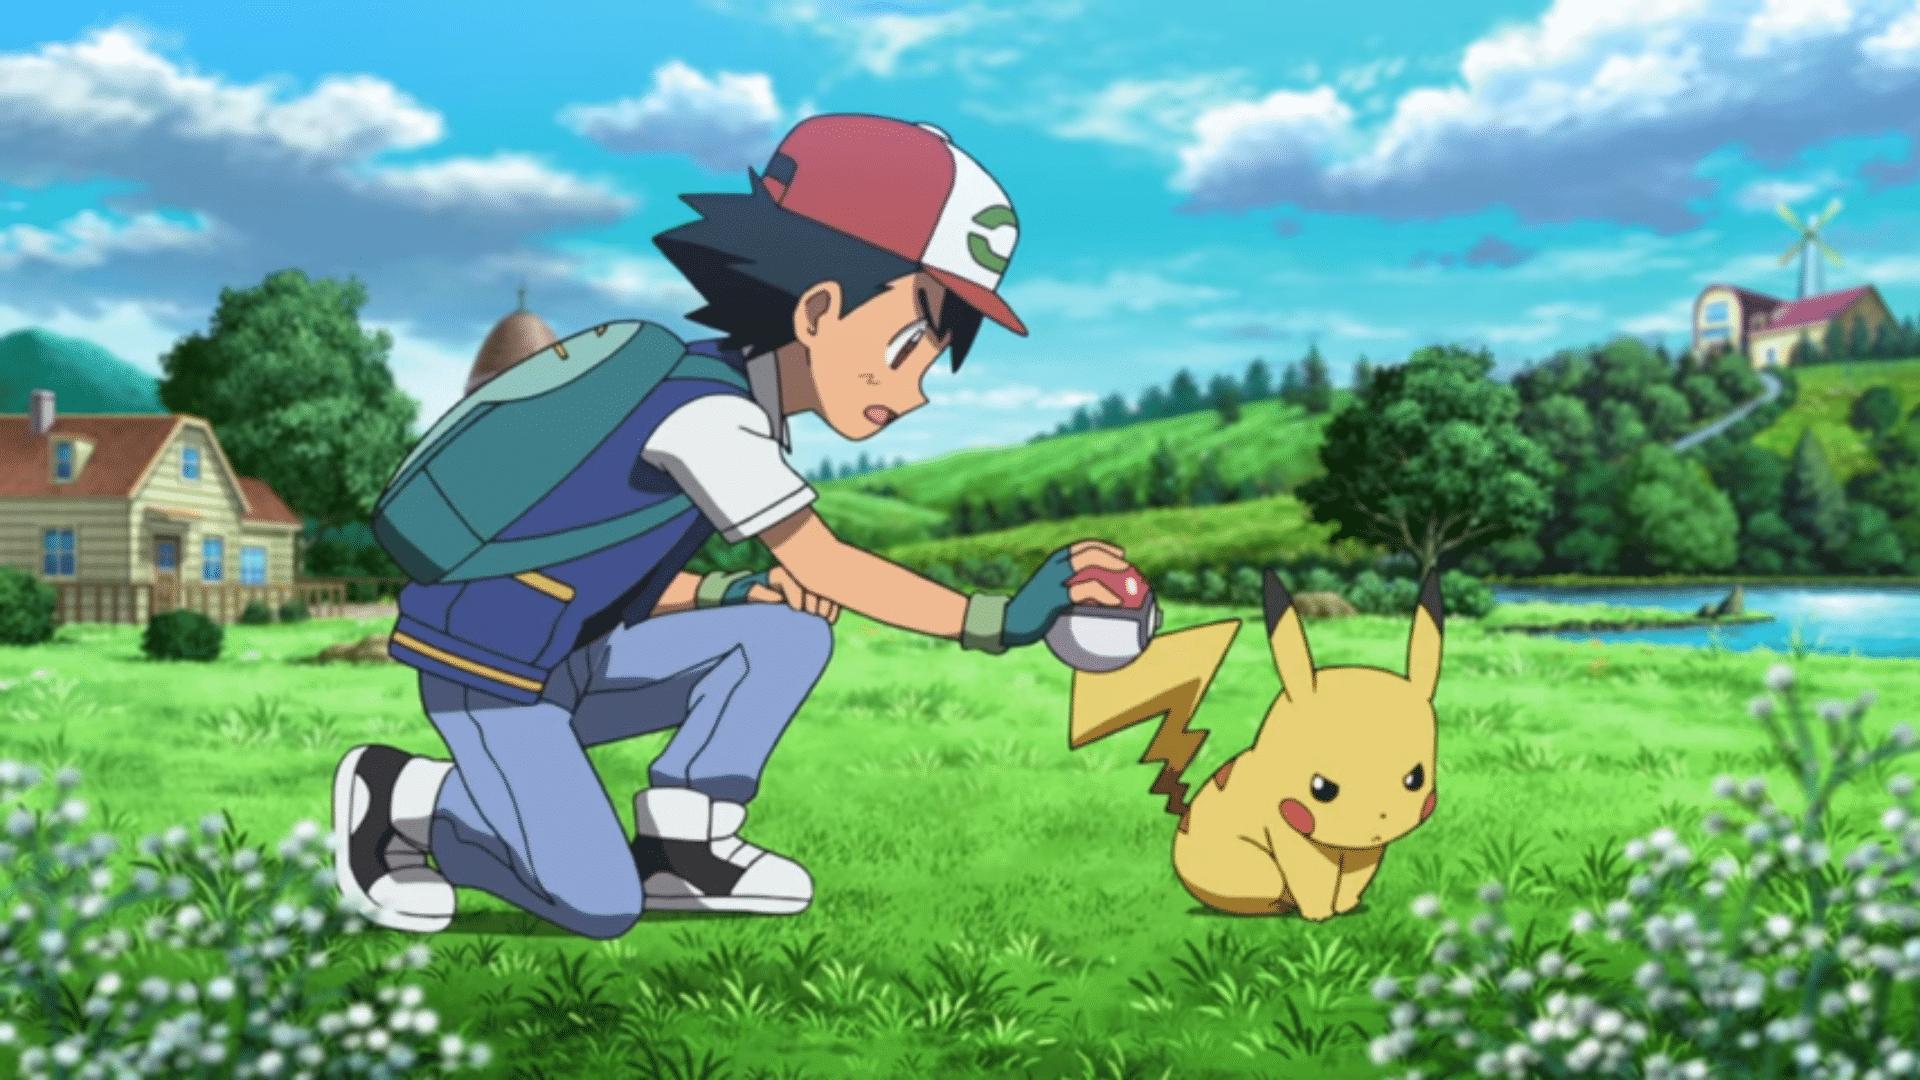 Pokémon o filme: Eu escolho você chega ao Cartoon Network